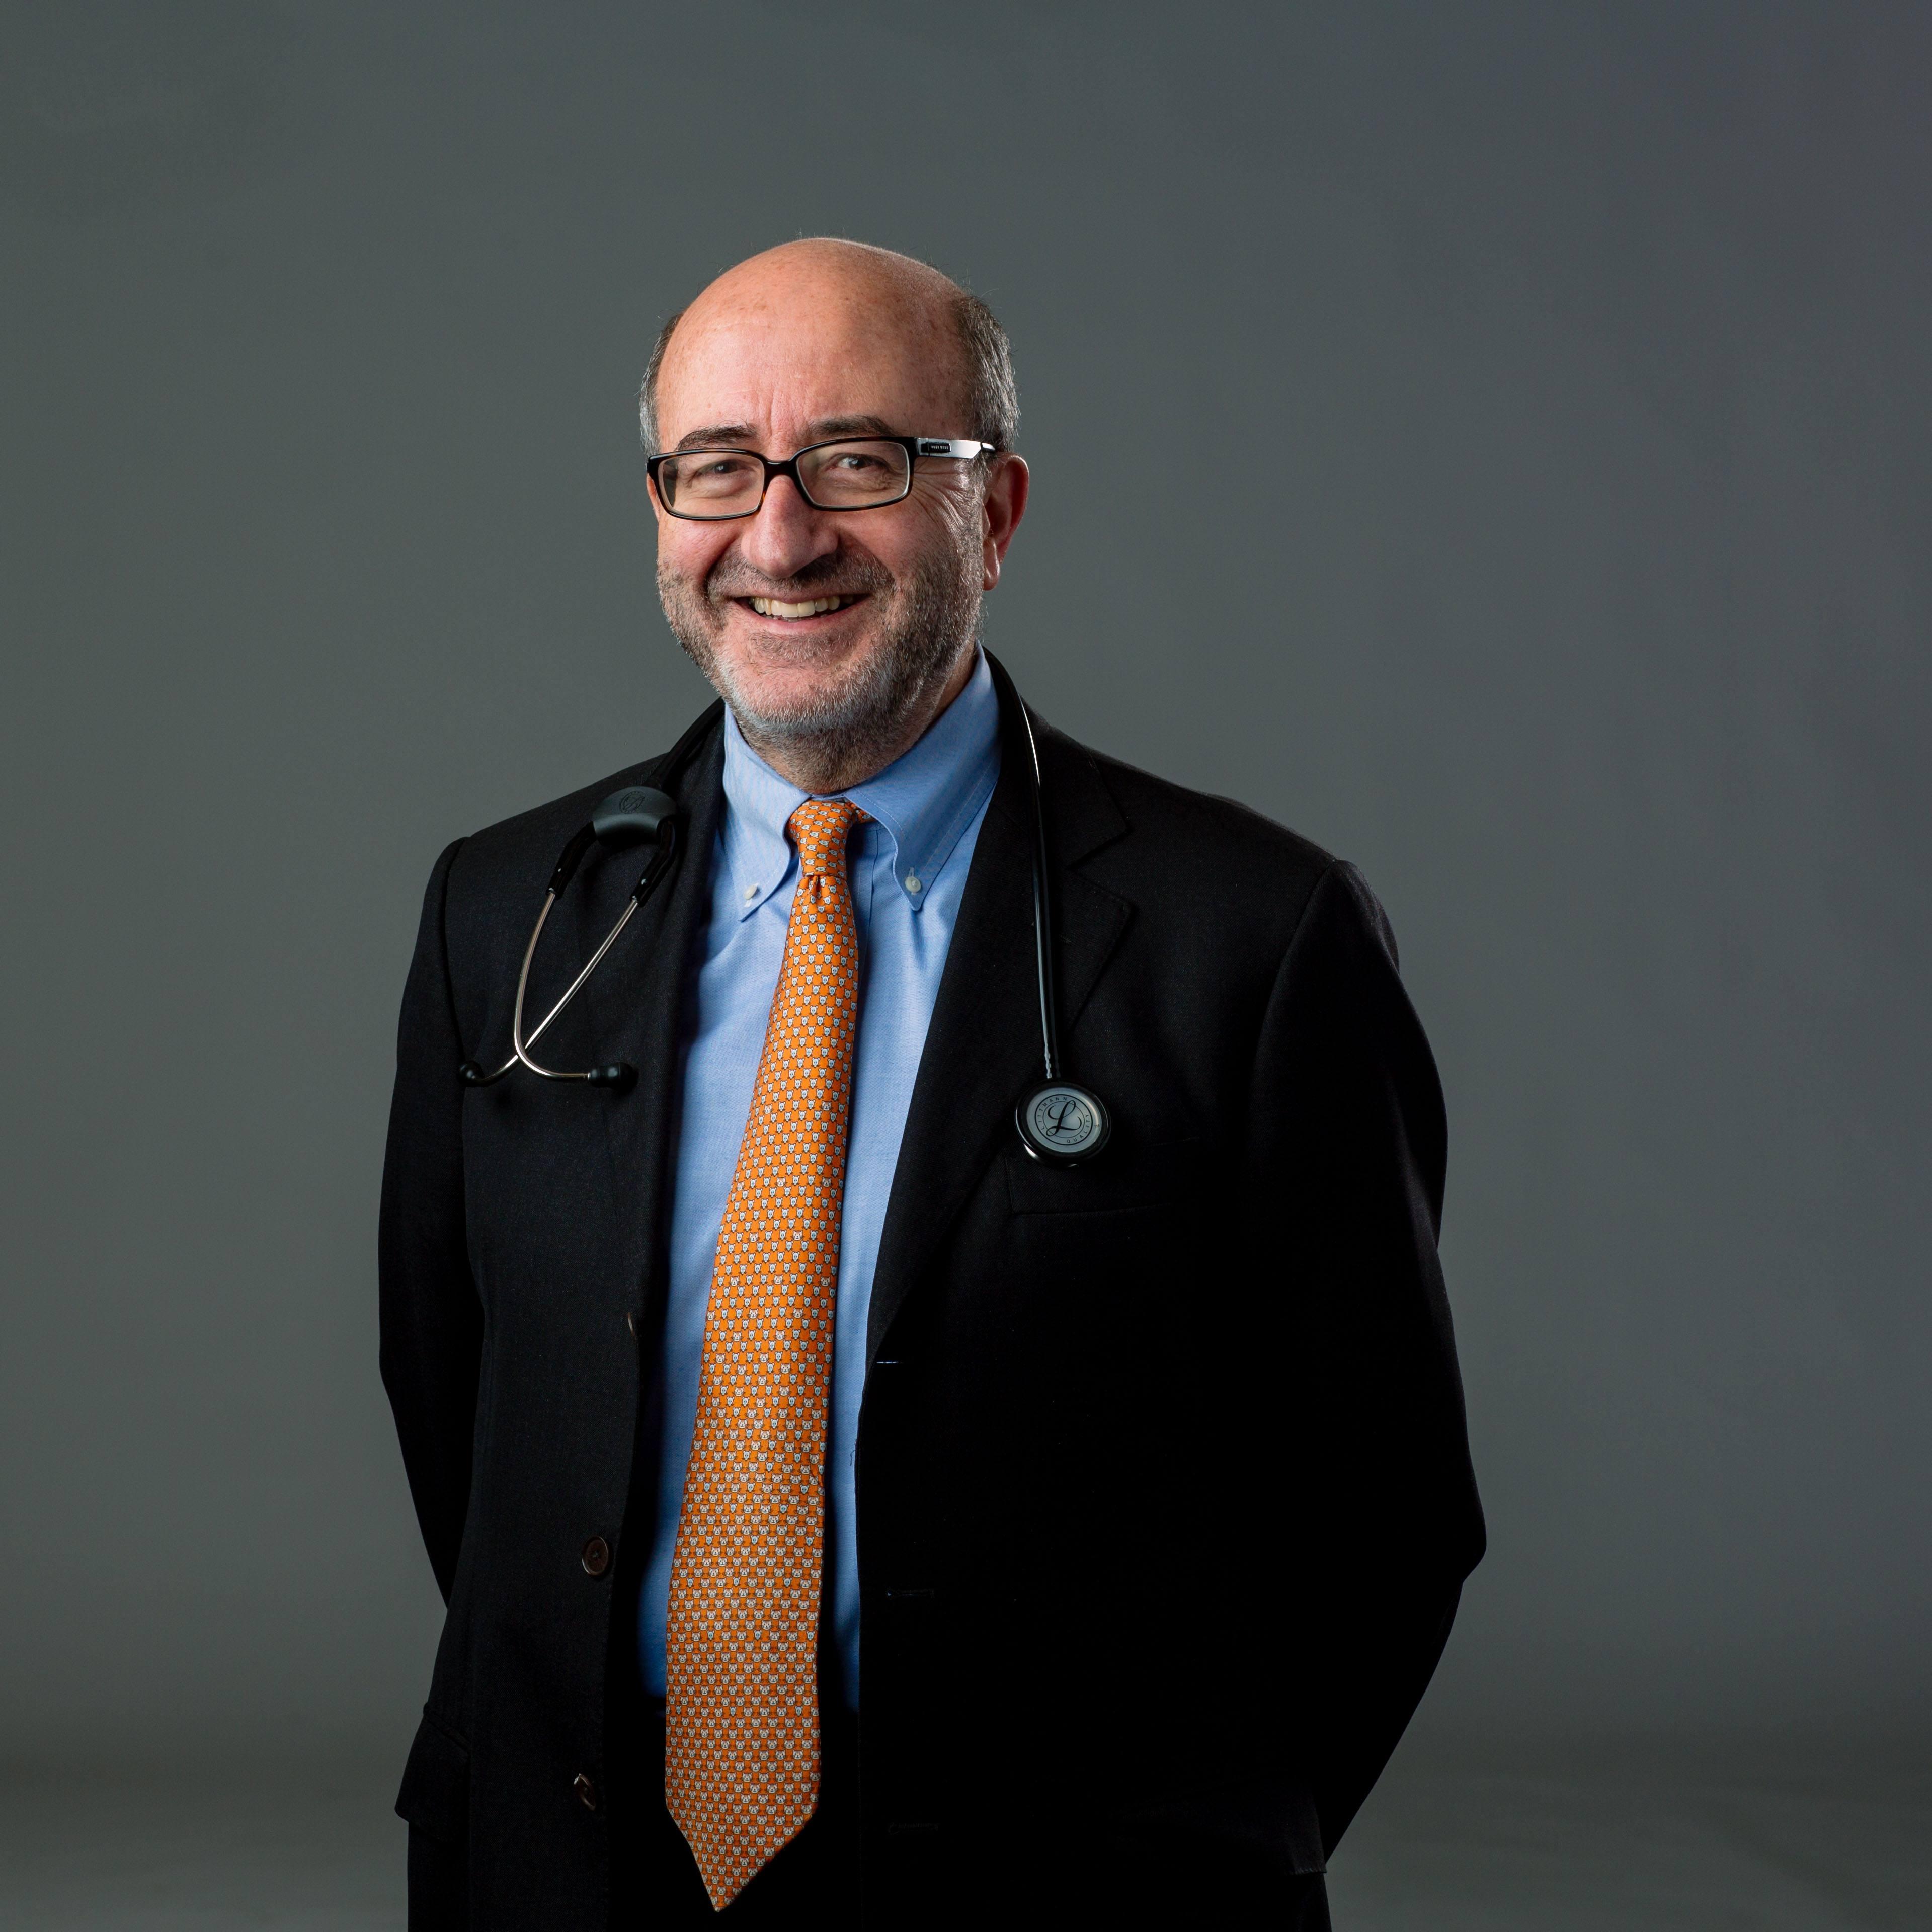 Dr. Vicente Torres